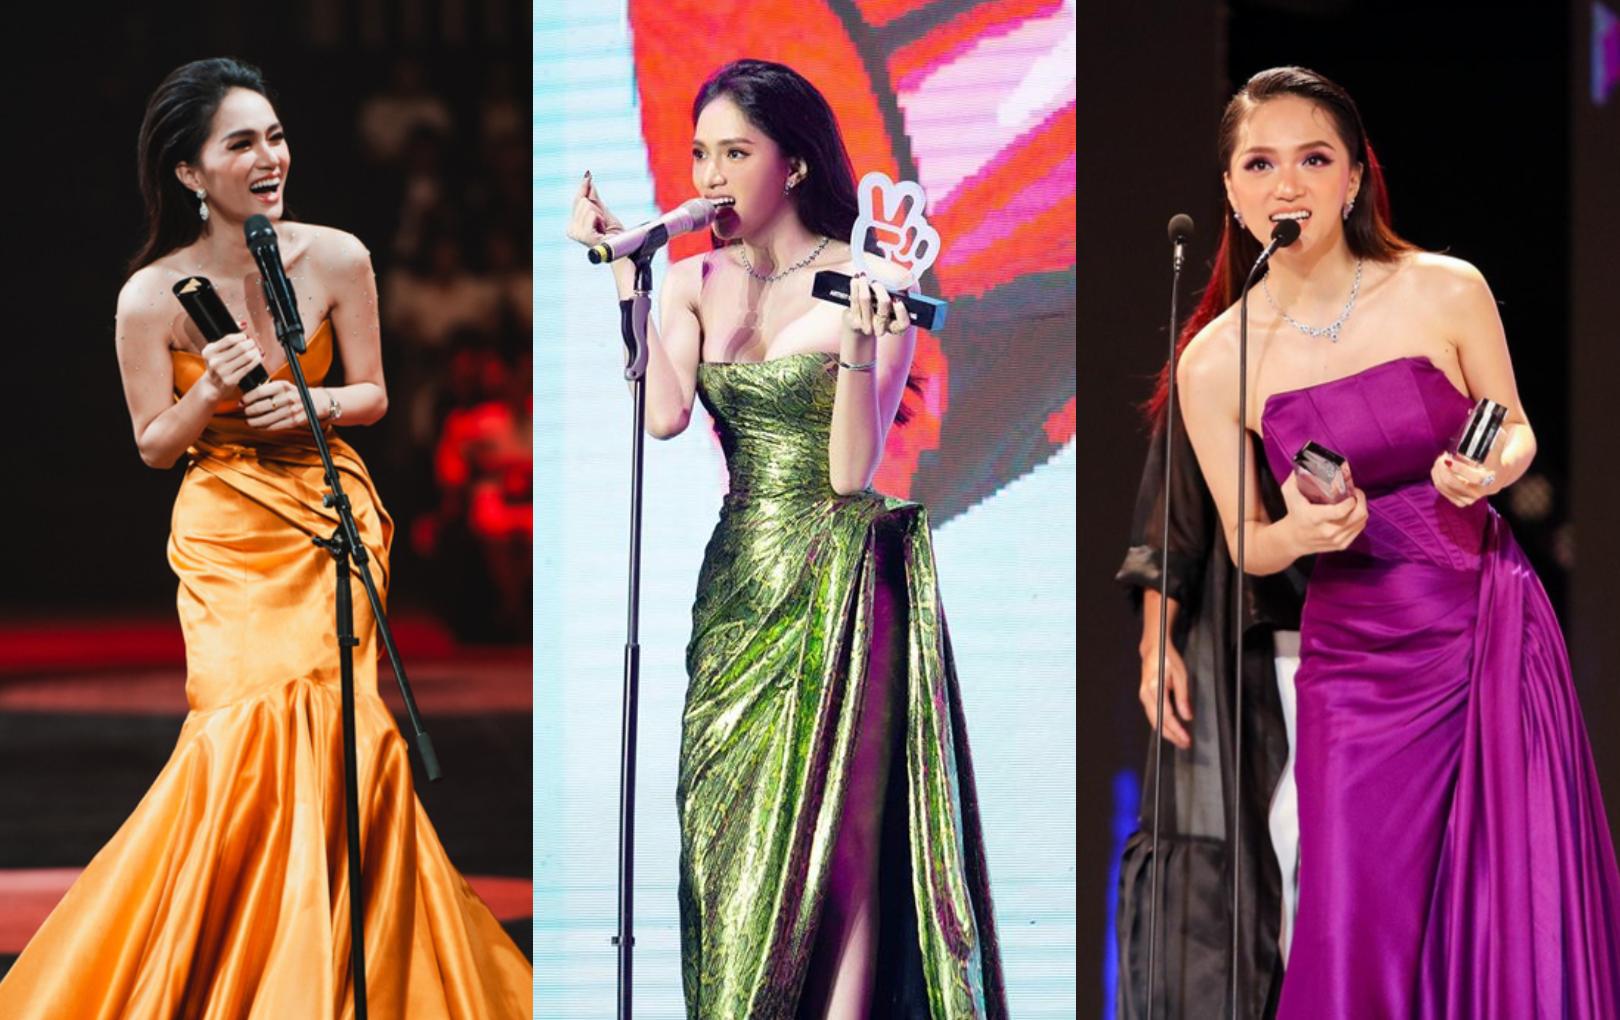 """Hương Giang """"bội thu"""" giải thưởng, liên tiếp giành cúp tại các lễ trao giải cuối năm"""